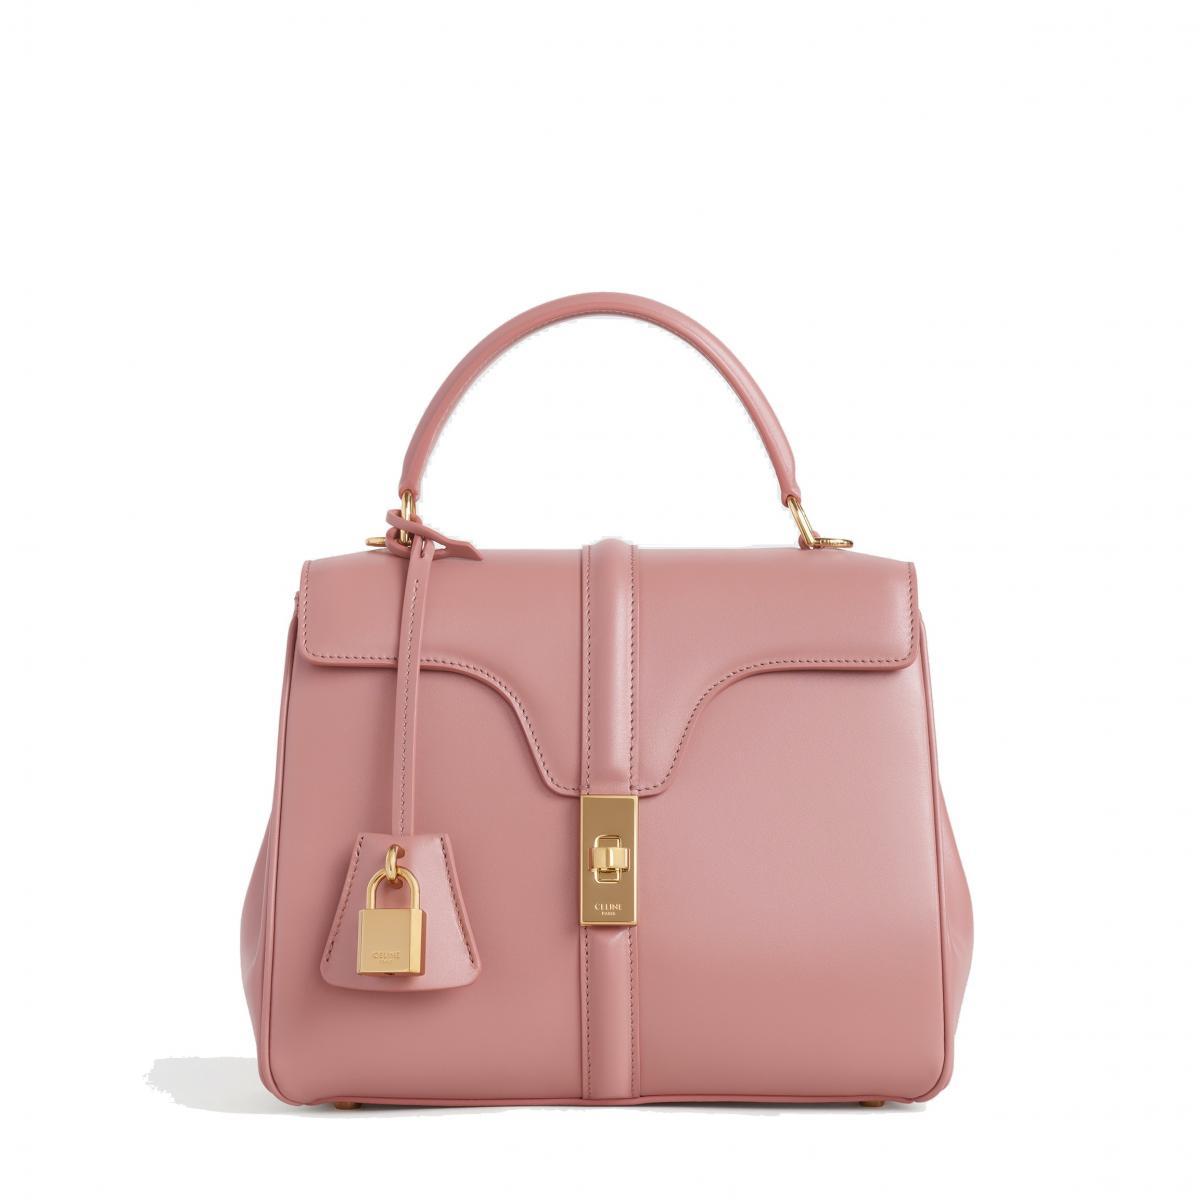 2021「粉色包包」推薦Top25!LV、BV、Celine ... 石英粉、珊瑚粉到櫻花粉紅全都包,Gucci「Diana」準備再掀竹節包風潮-1